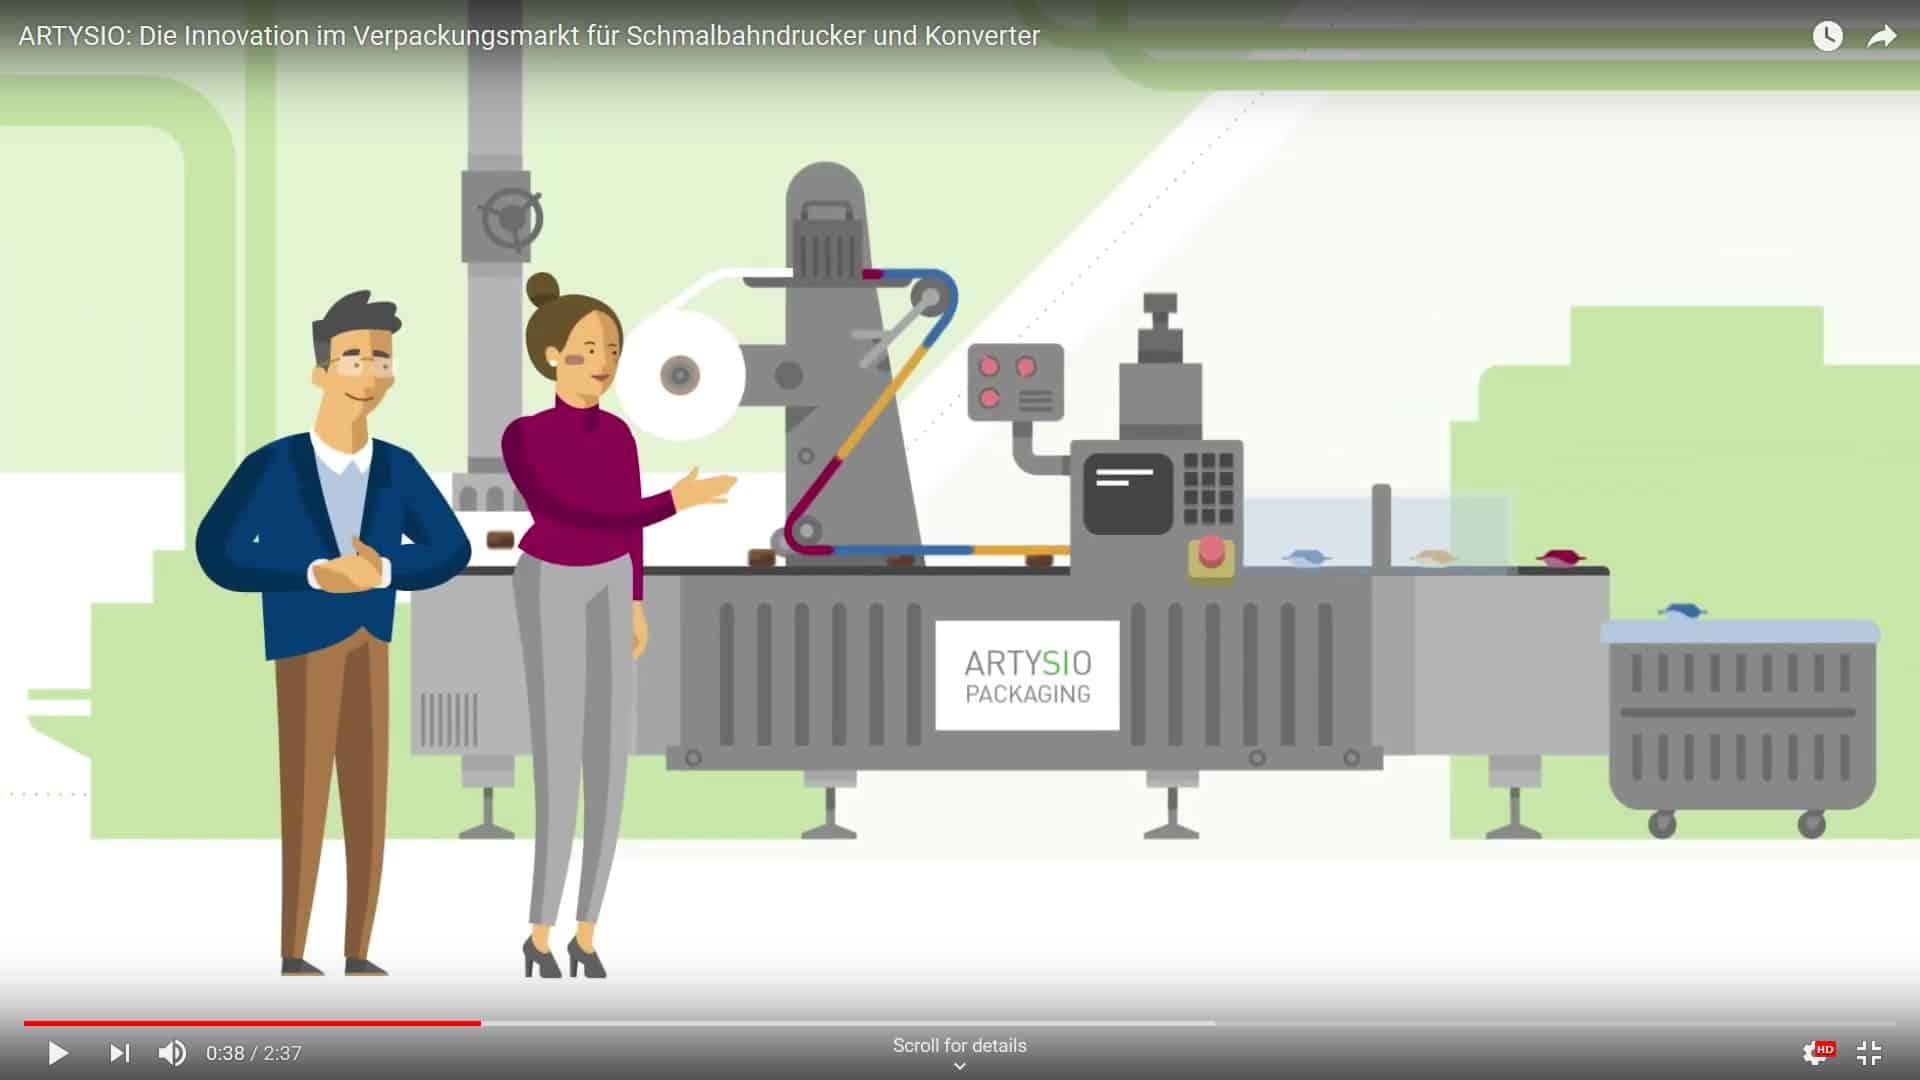 Neuer Erklärfilm von SIHL – ARTYSIO, die Innovation im Verpackungsmarkt für Schmalbahndruckereien und Konverter